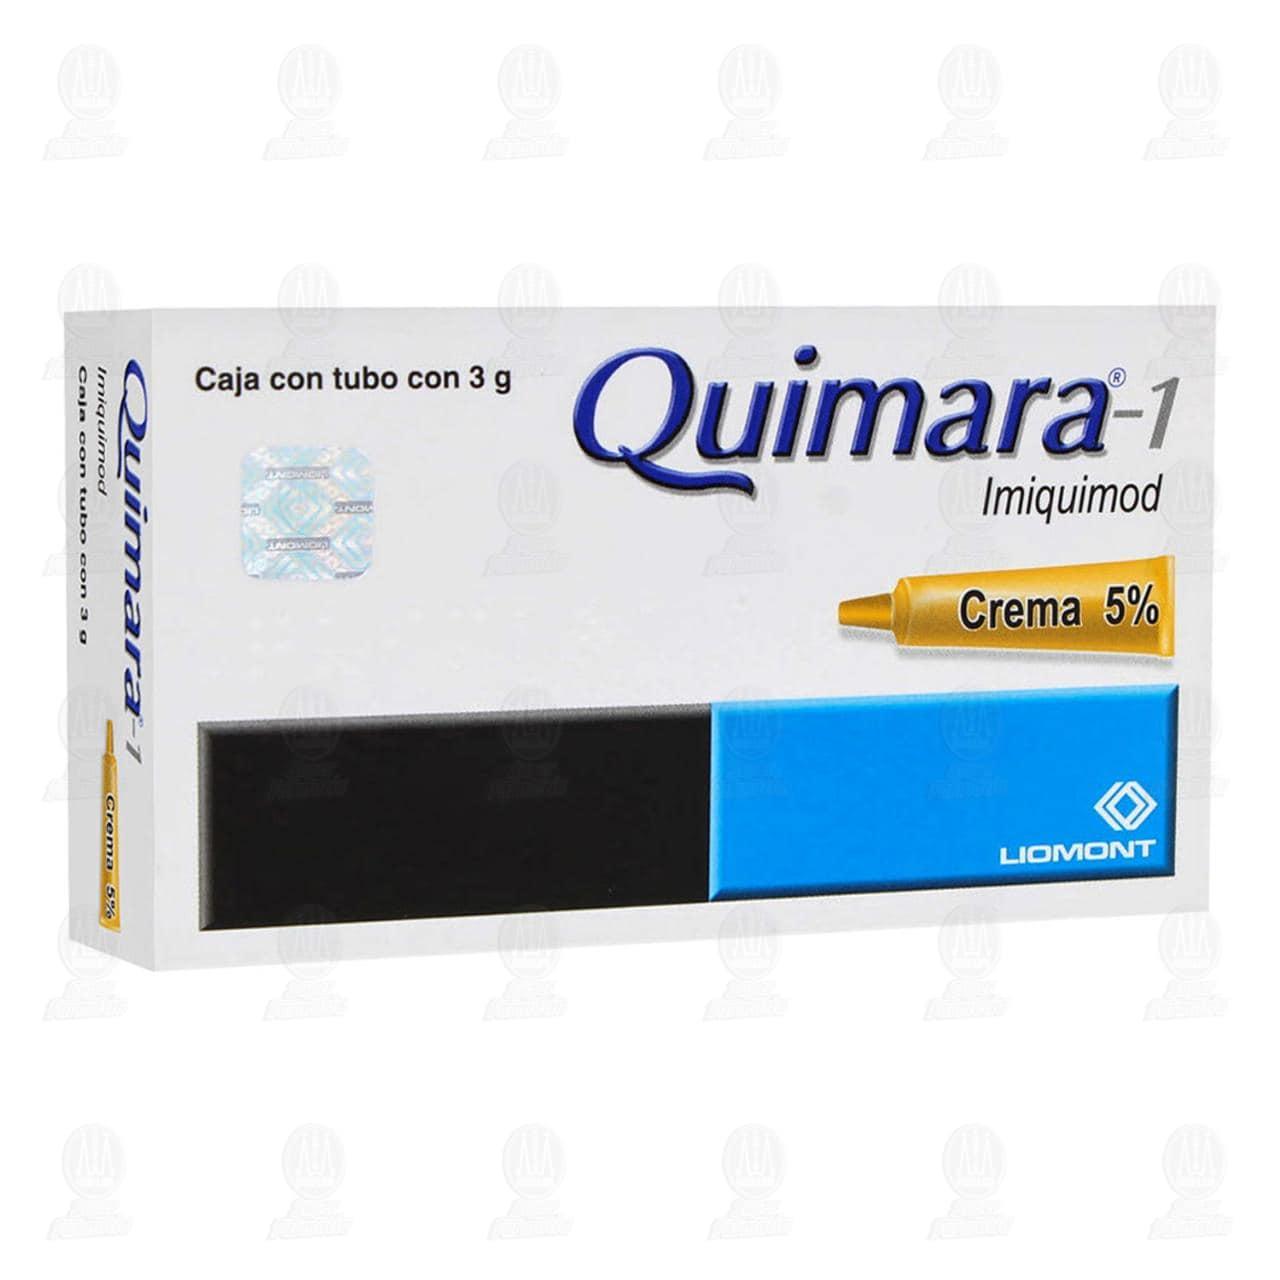 Comprar Quimara-1 5% Crema 3gr en Farmacias Guadalajara